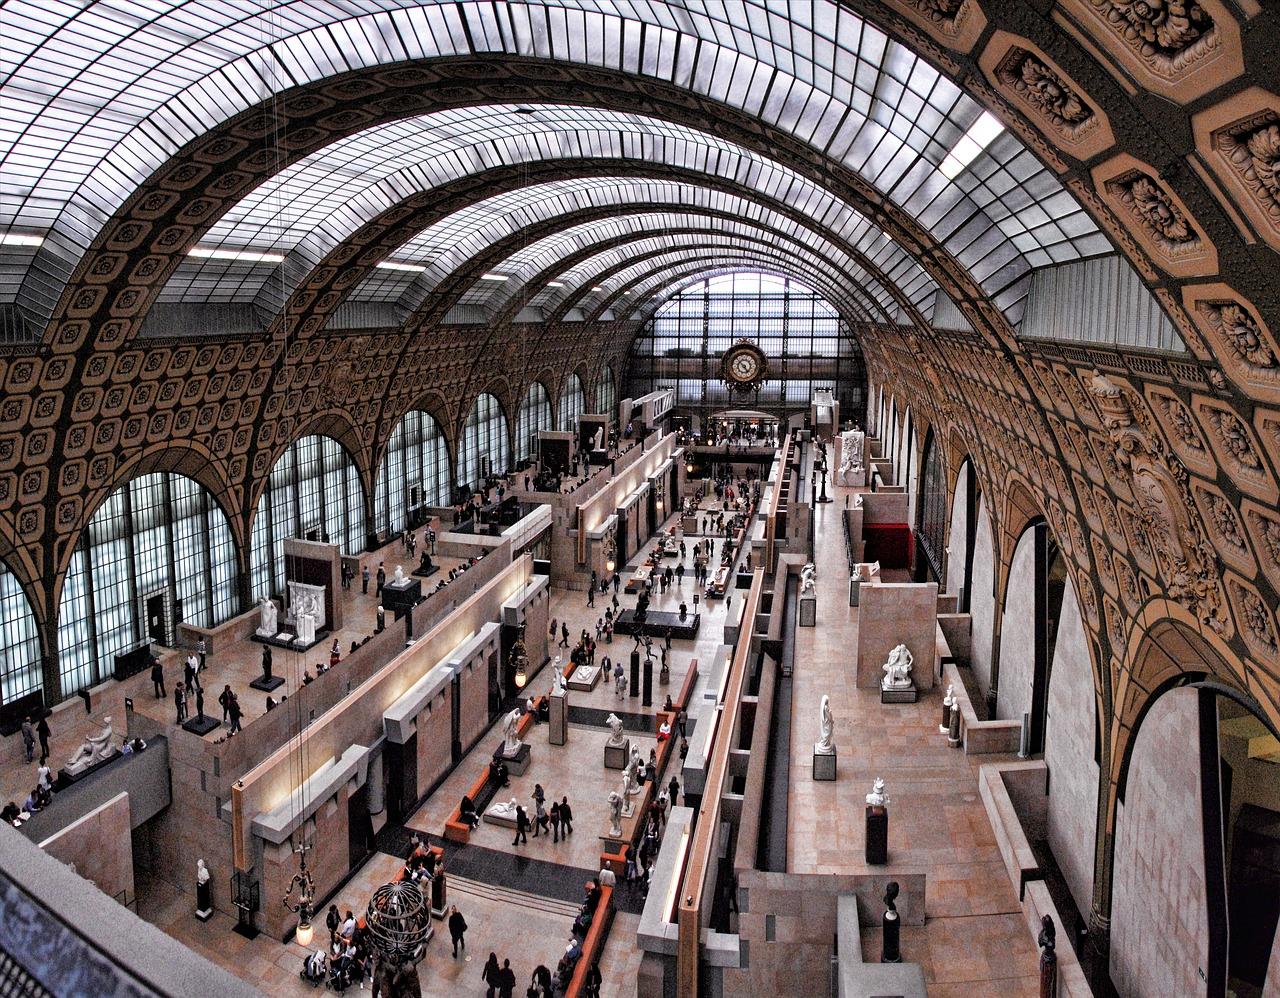 Musee d'Orsay interior